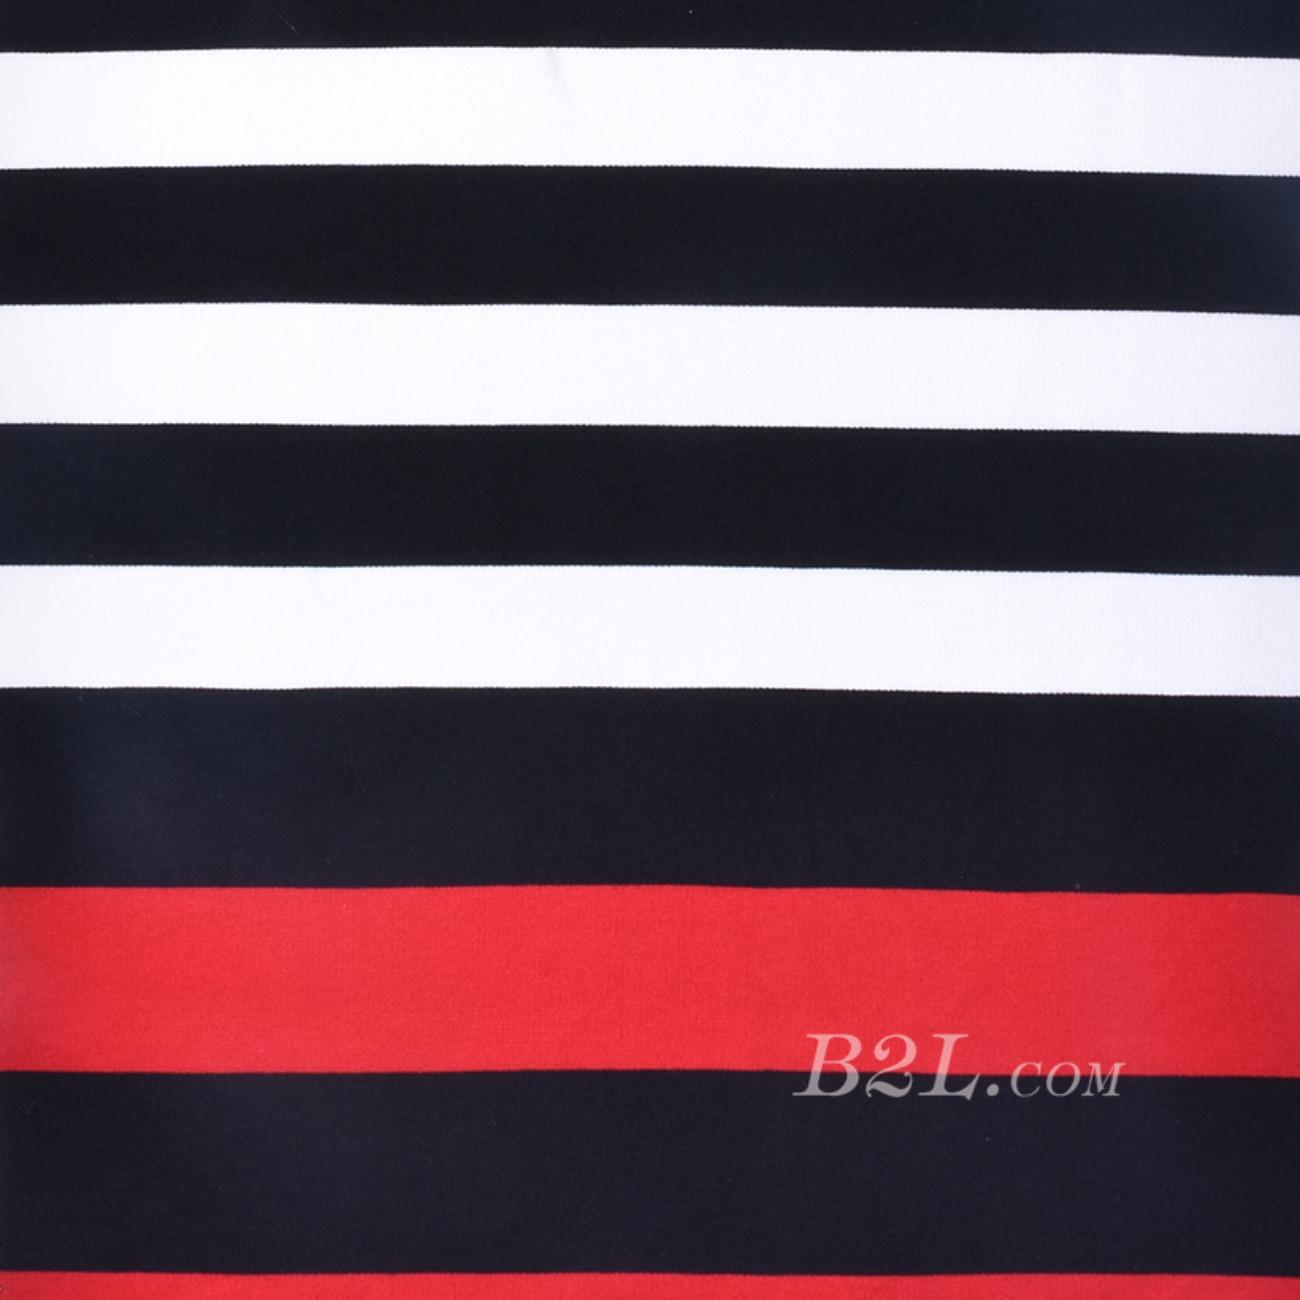 条子 针织 弹力 横条圆机 纬编  T恤 针织衫 连衣裙 棉感 定位 60311-59